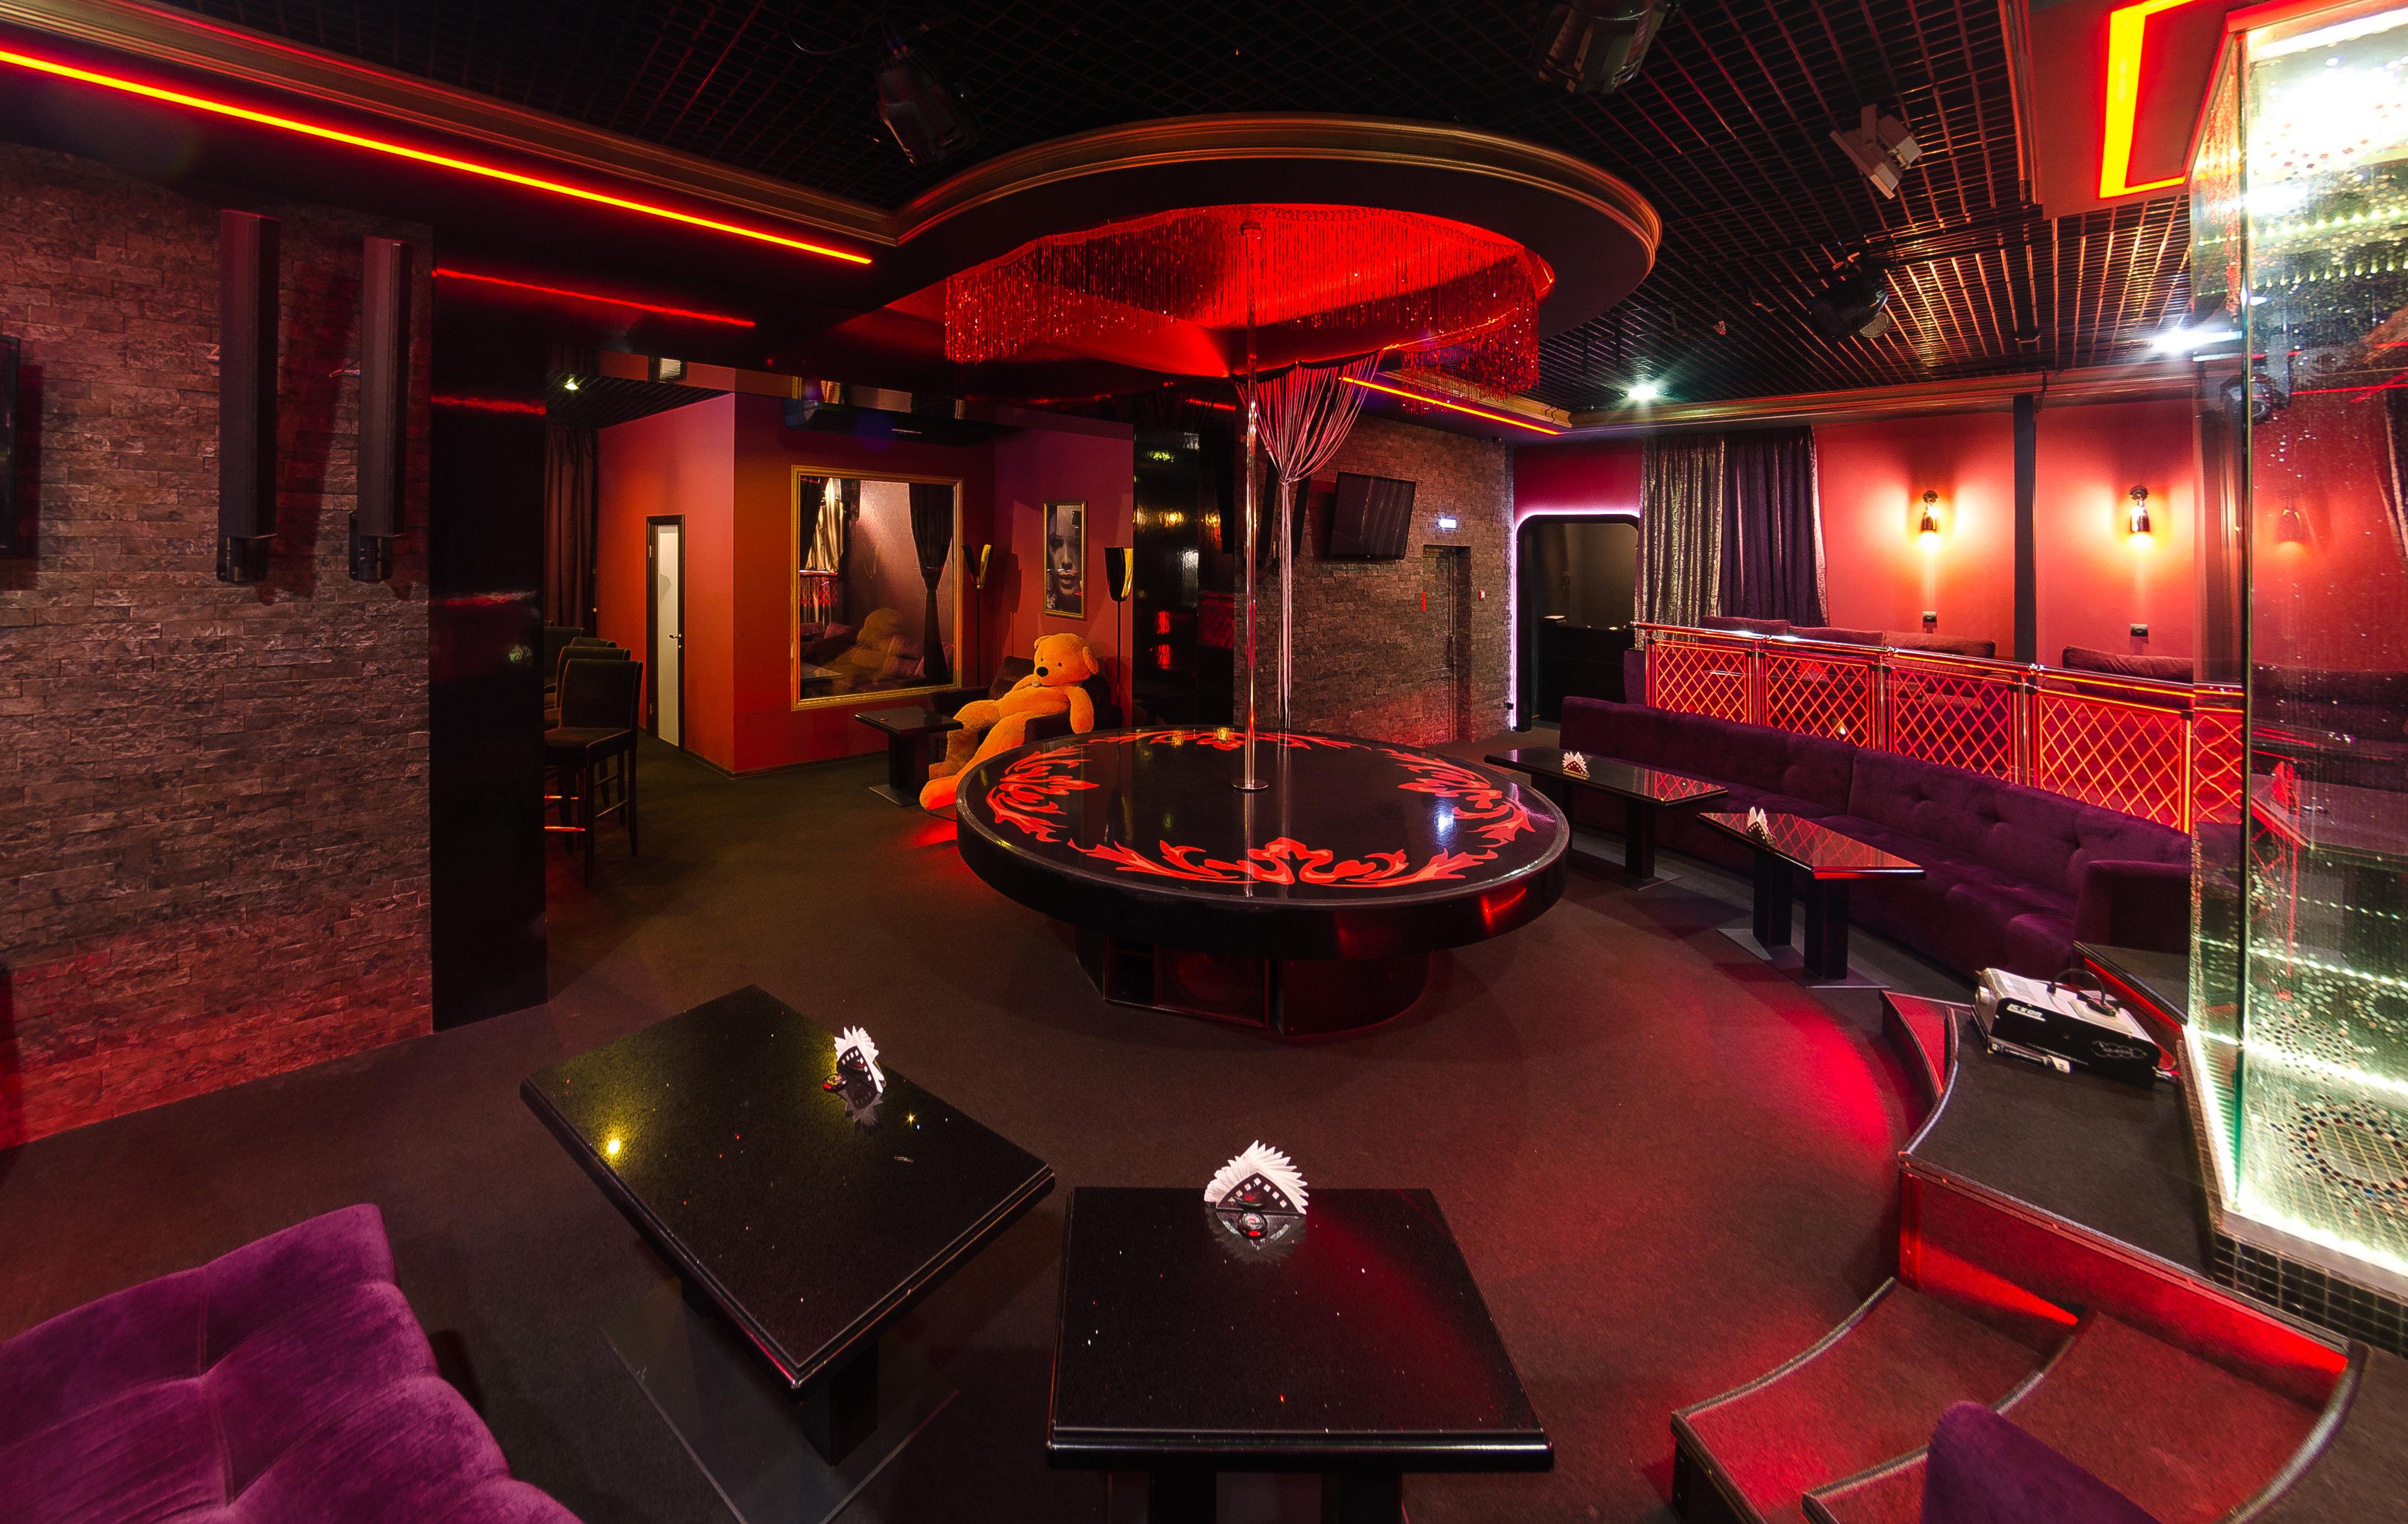 Ночной клуб в томске базар ночные клубы краснодарского края и работа в клубах